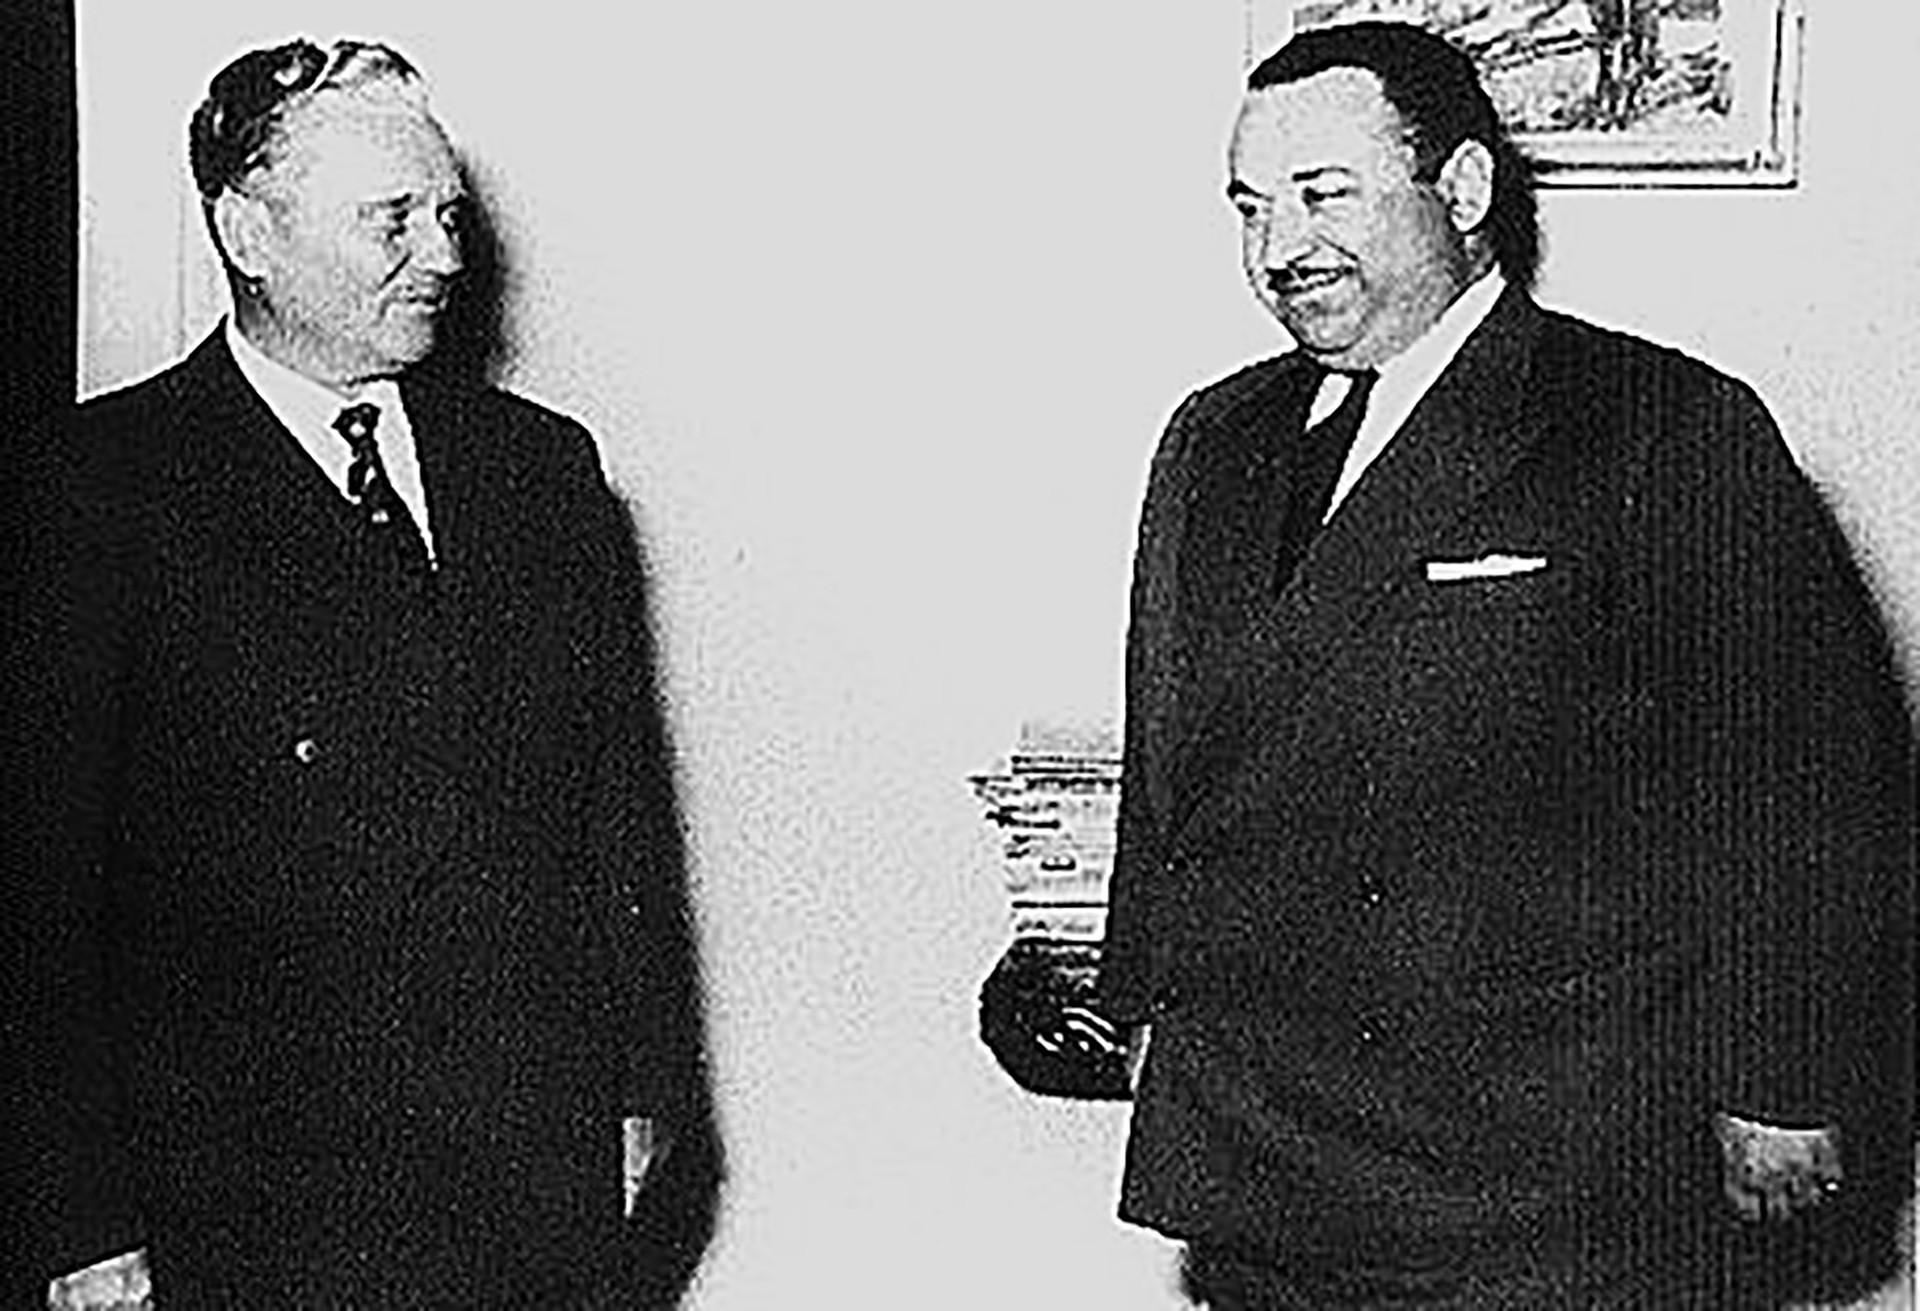 Iossif Grigoulevitch et Josip Broz Tito, un homme d'État yougoslave.